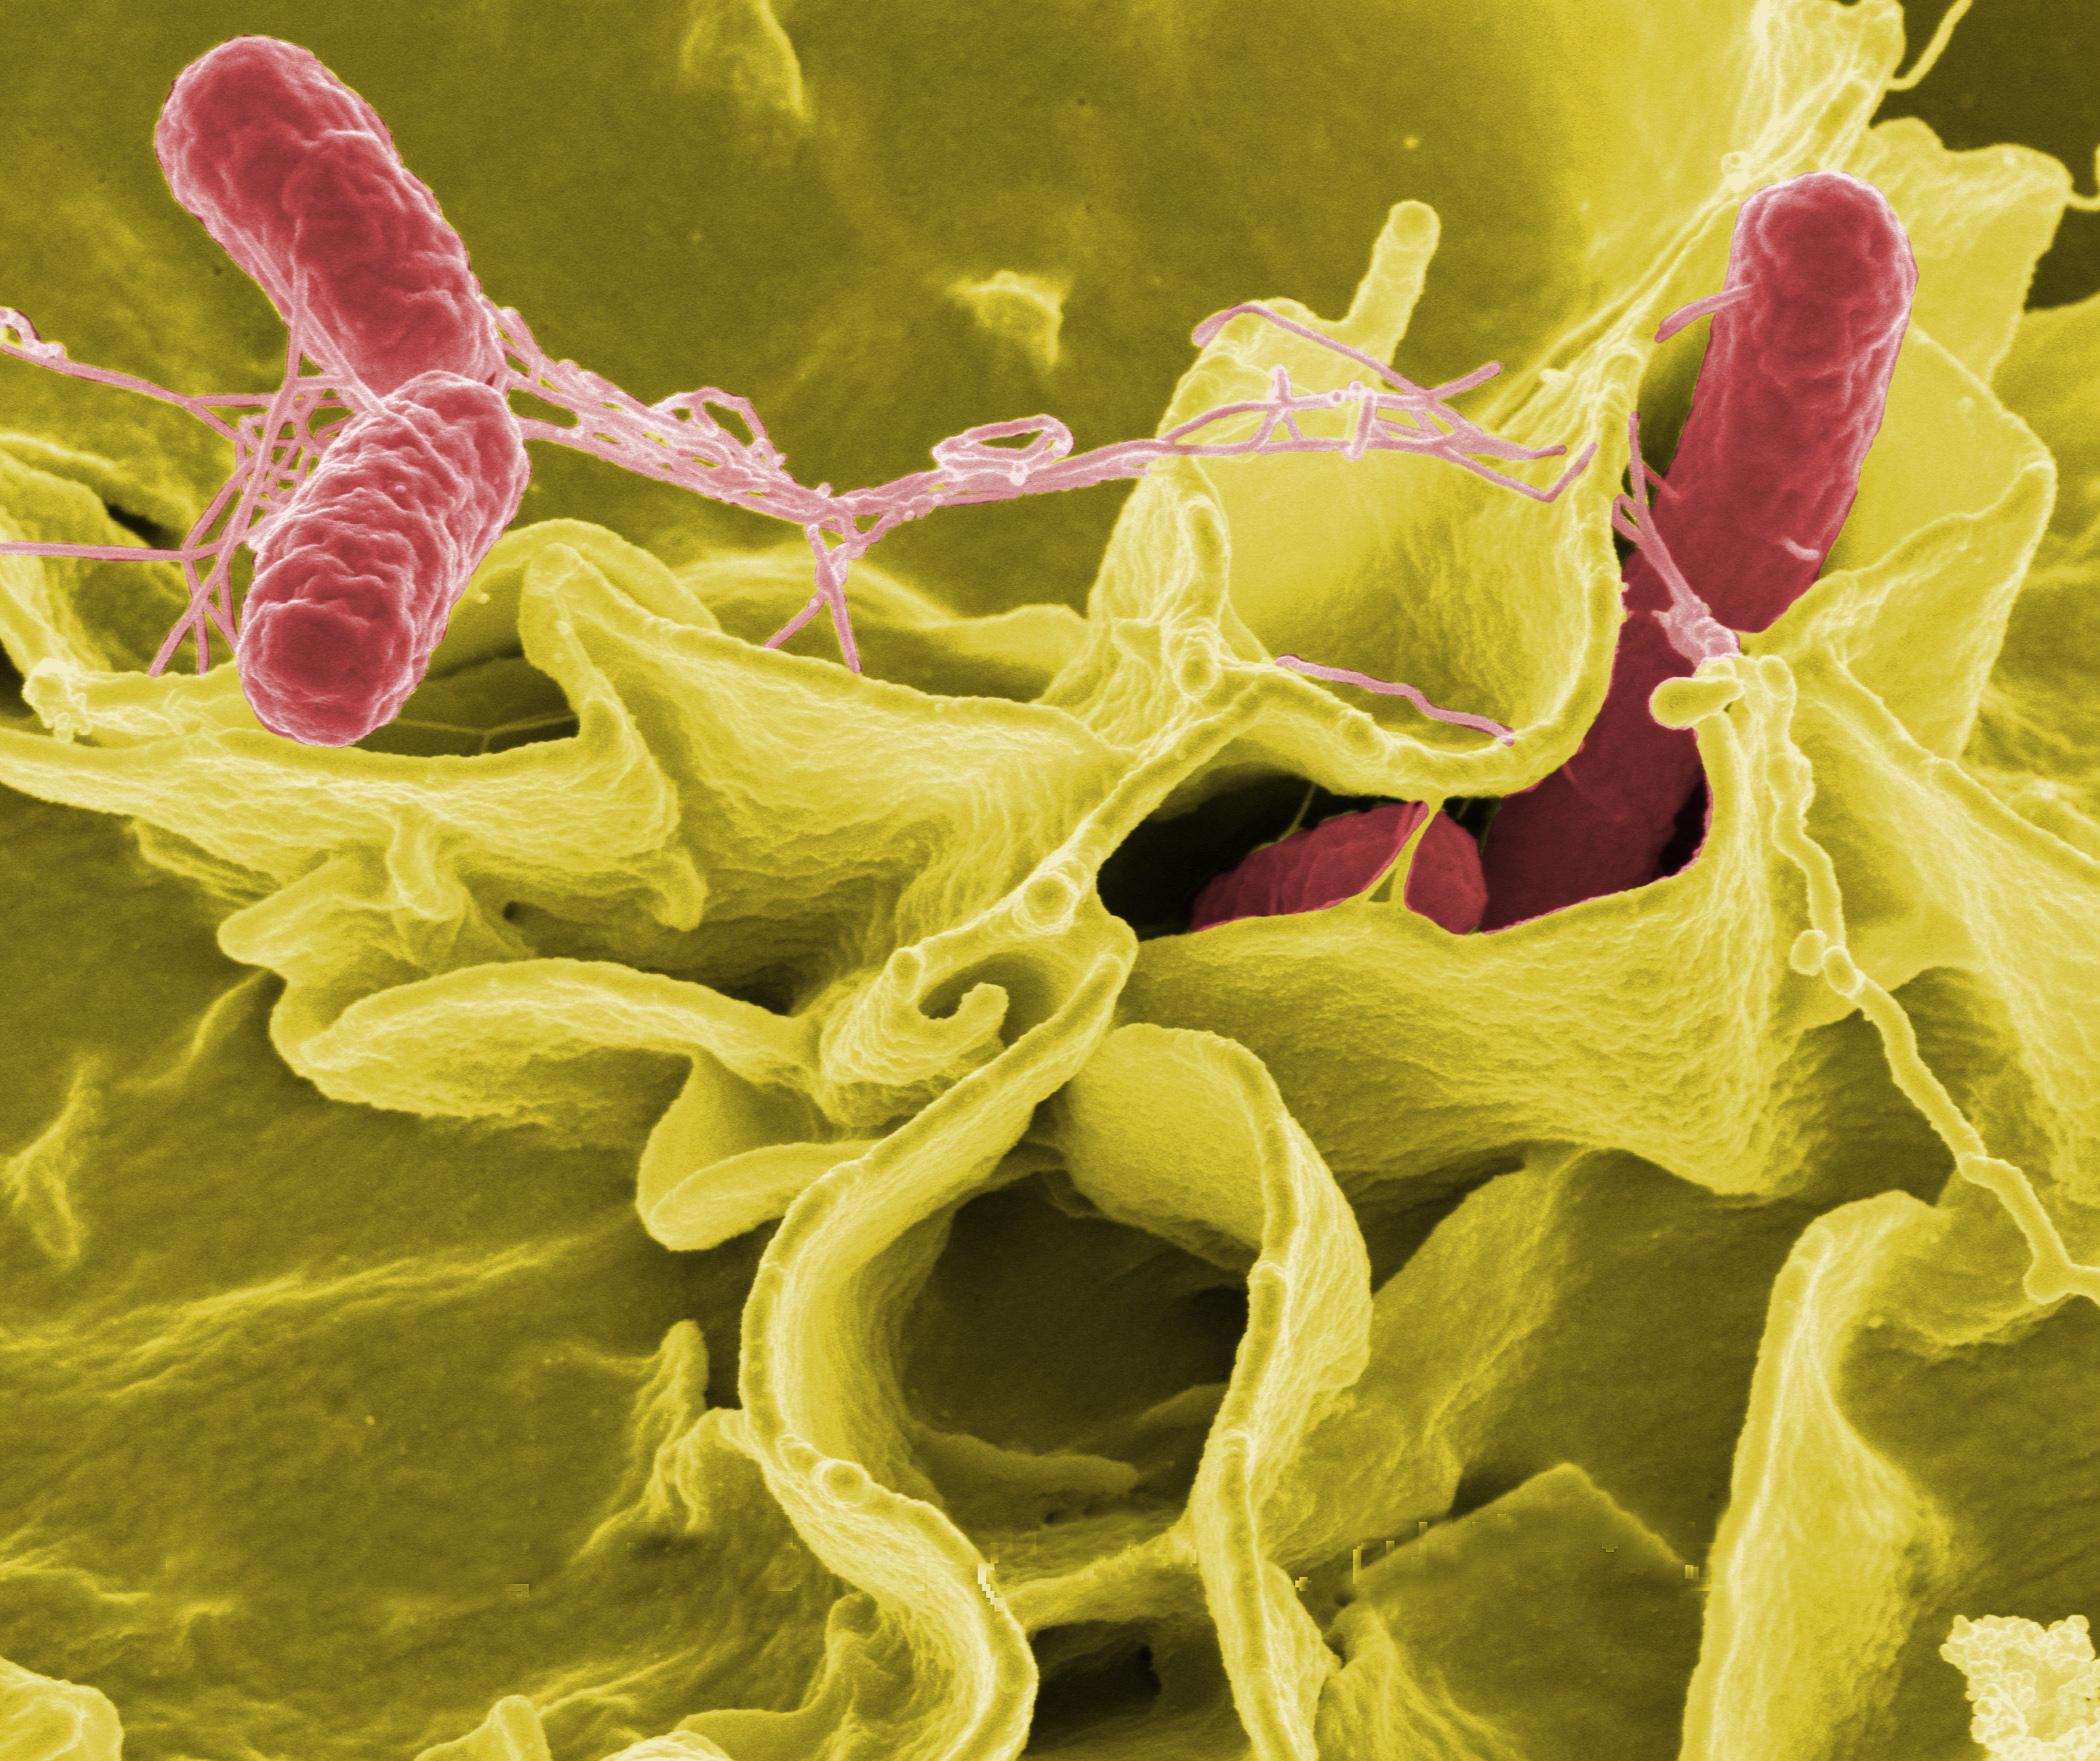 Болезнь сальмонеллез: симптомы, признаки и лечение отравление.ру болезнь сальмонеллез: симптомы, признаки и лечение